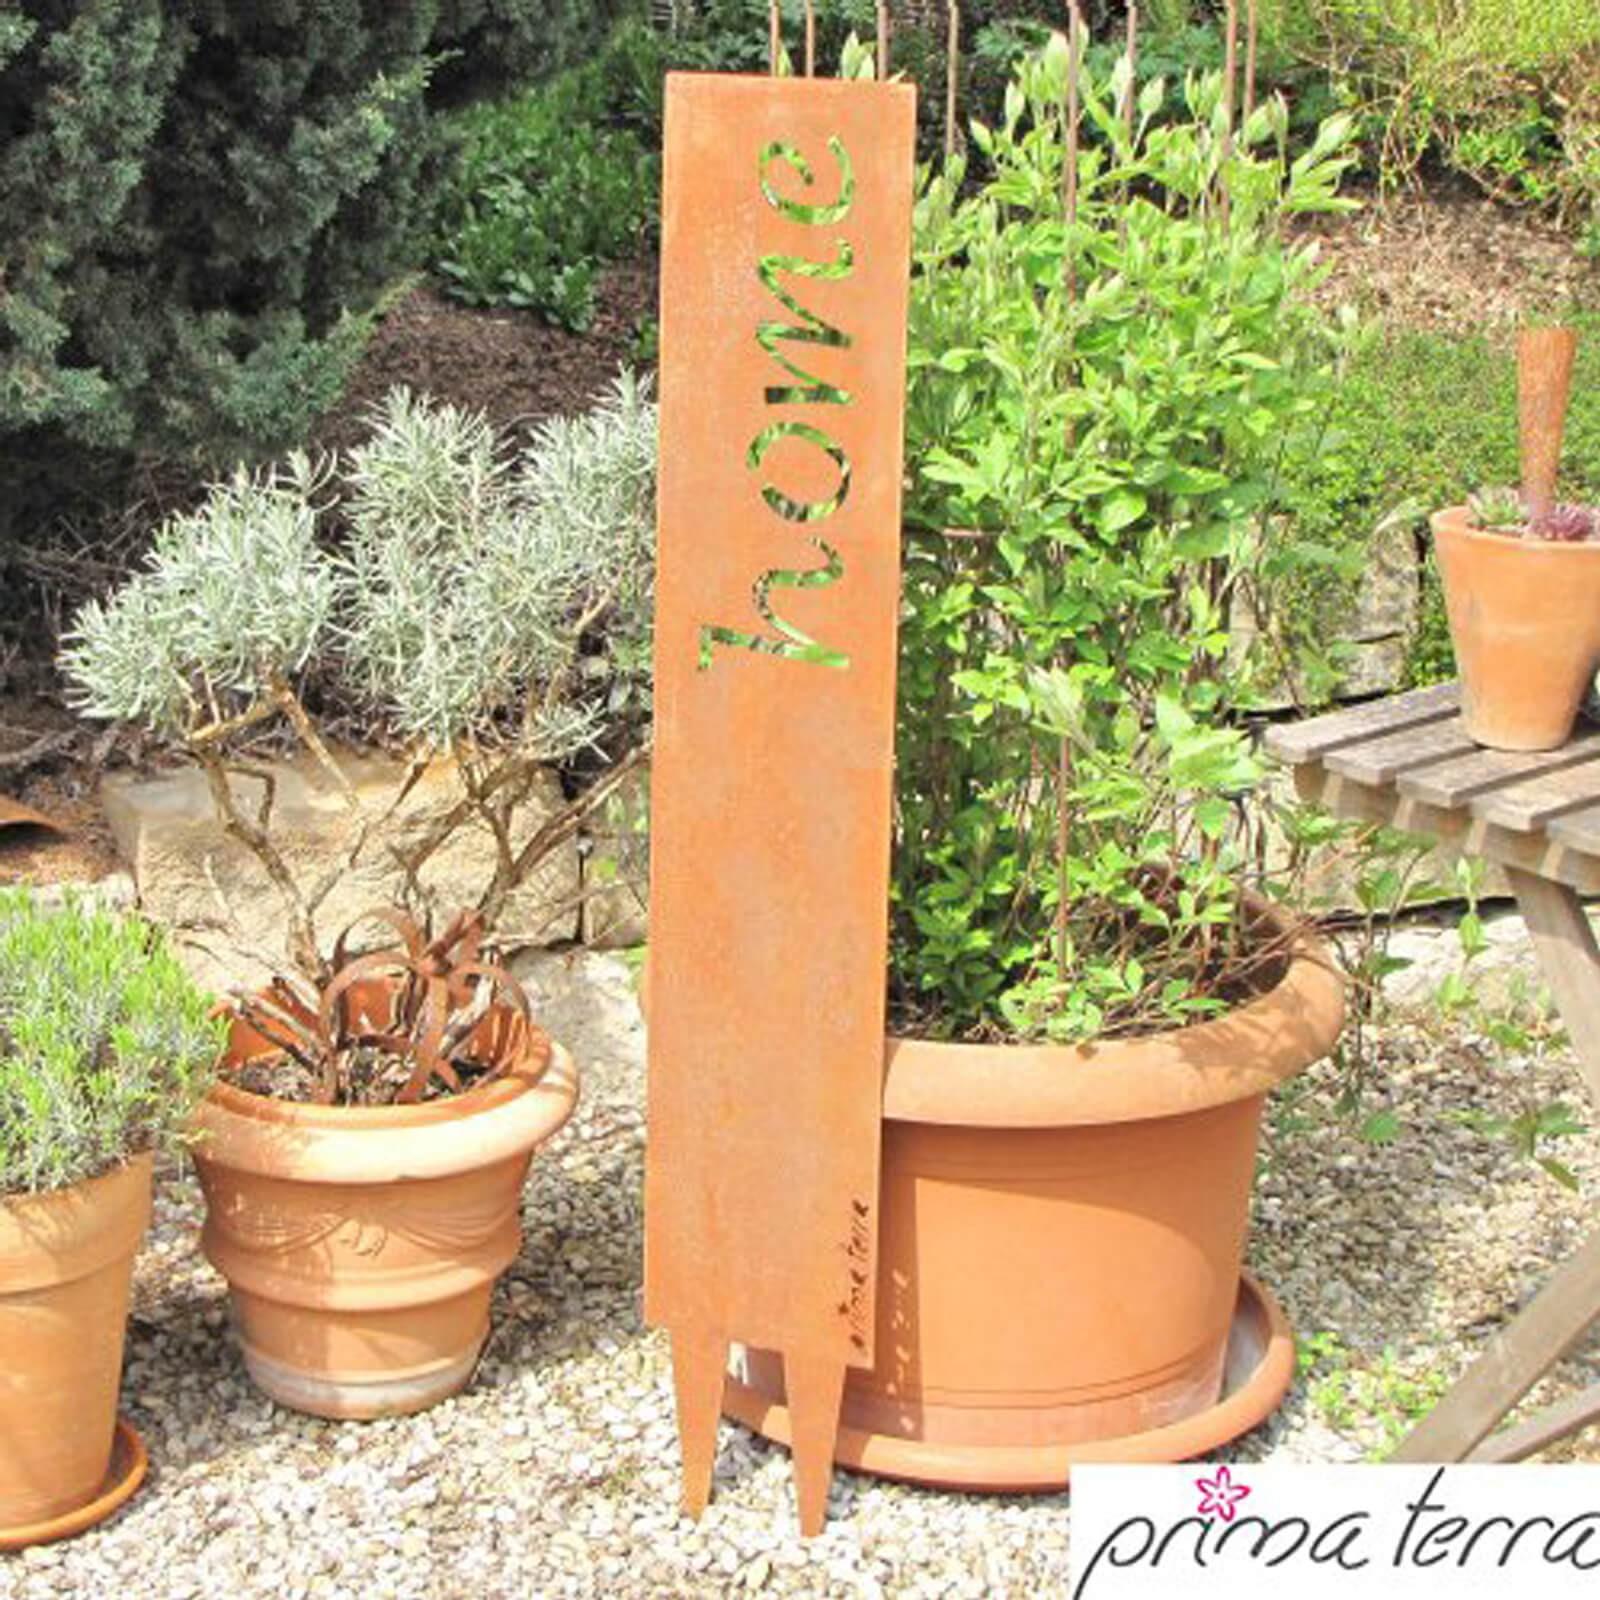 terra edelrost gartendekoration home h=120 cm - Gartendekoration